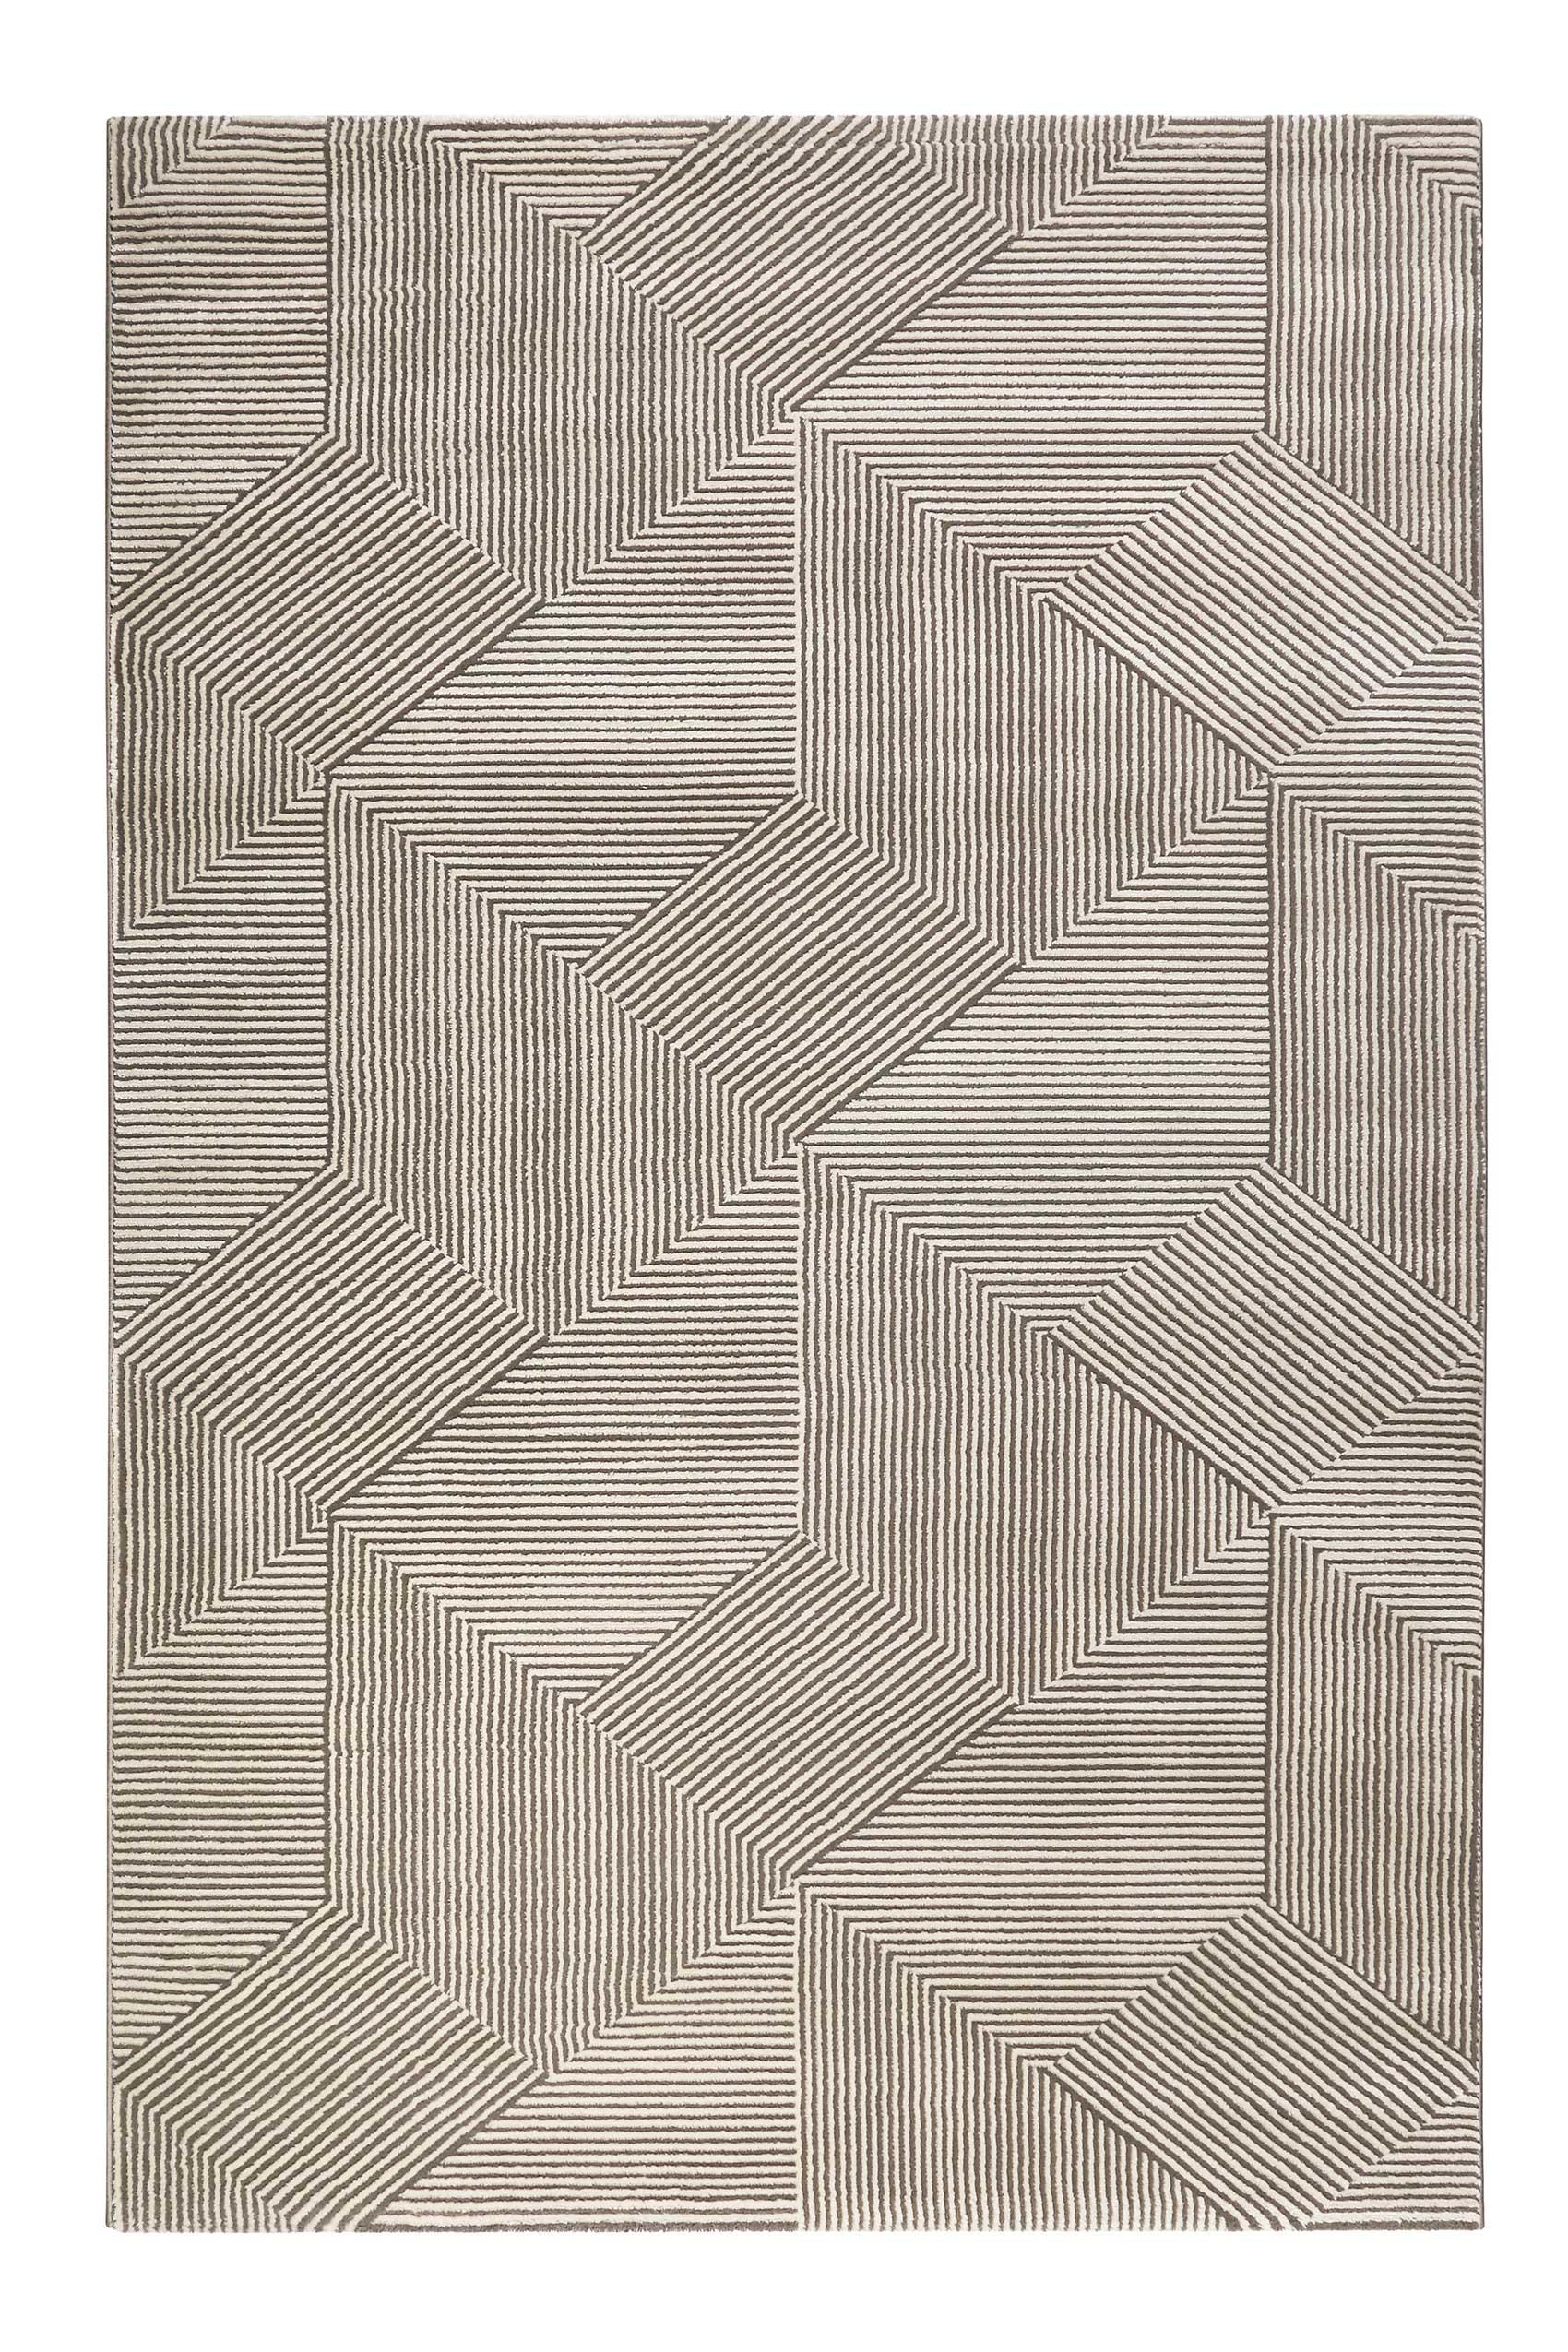 Tapis motif géométrique relief beige taupe 170x120